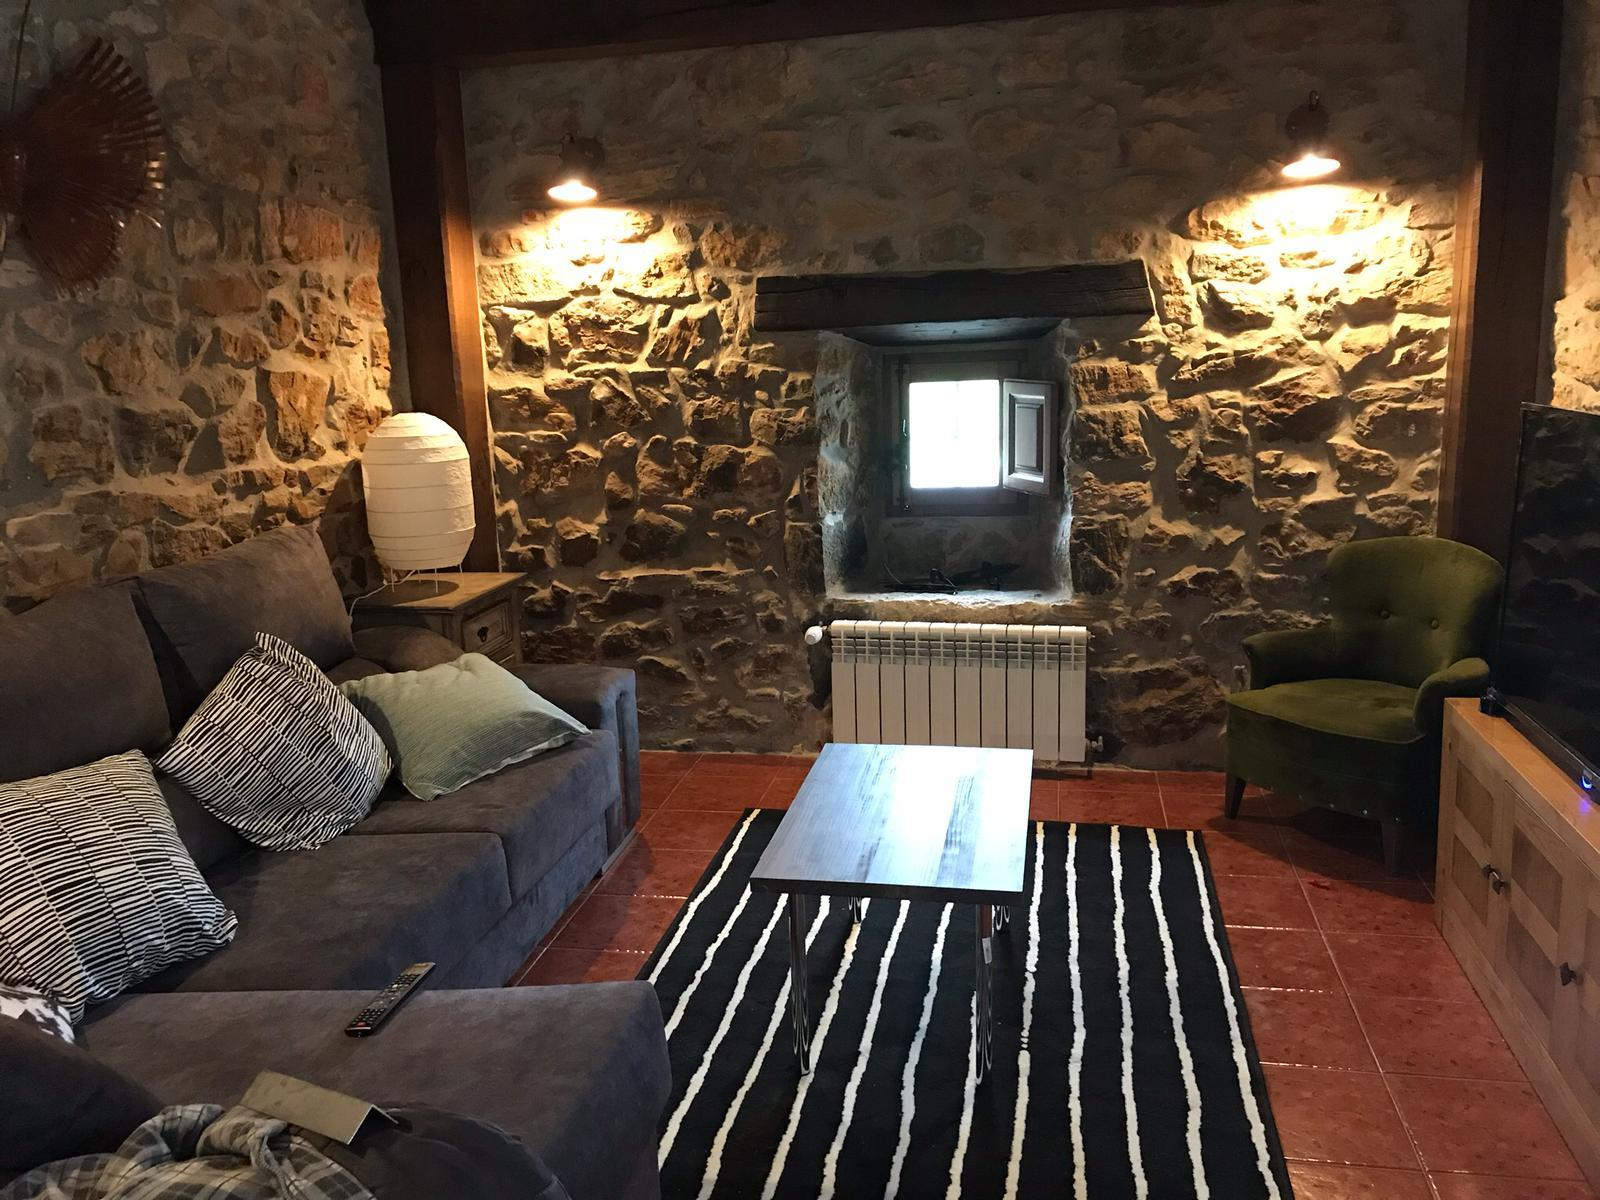 hotel rural-abanillas-cantabria-san vicente-comillas-llanes-asturias-mascotas-desayuno-casa rural (9)